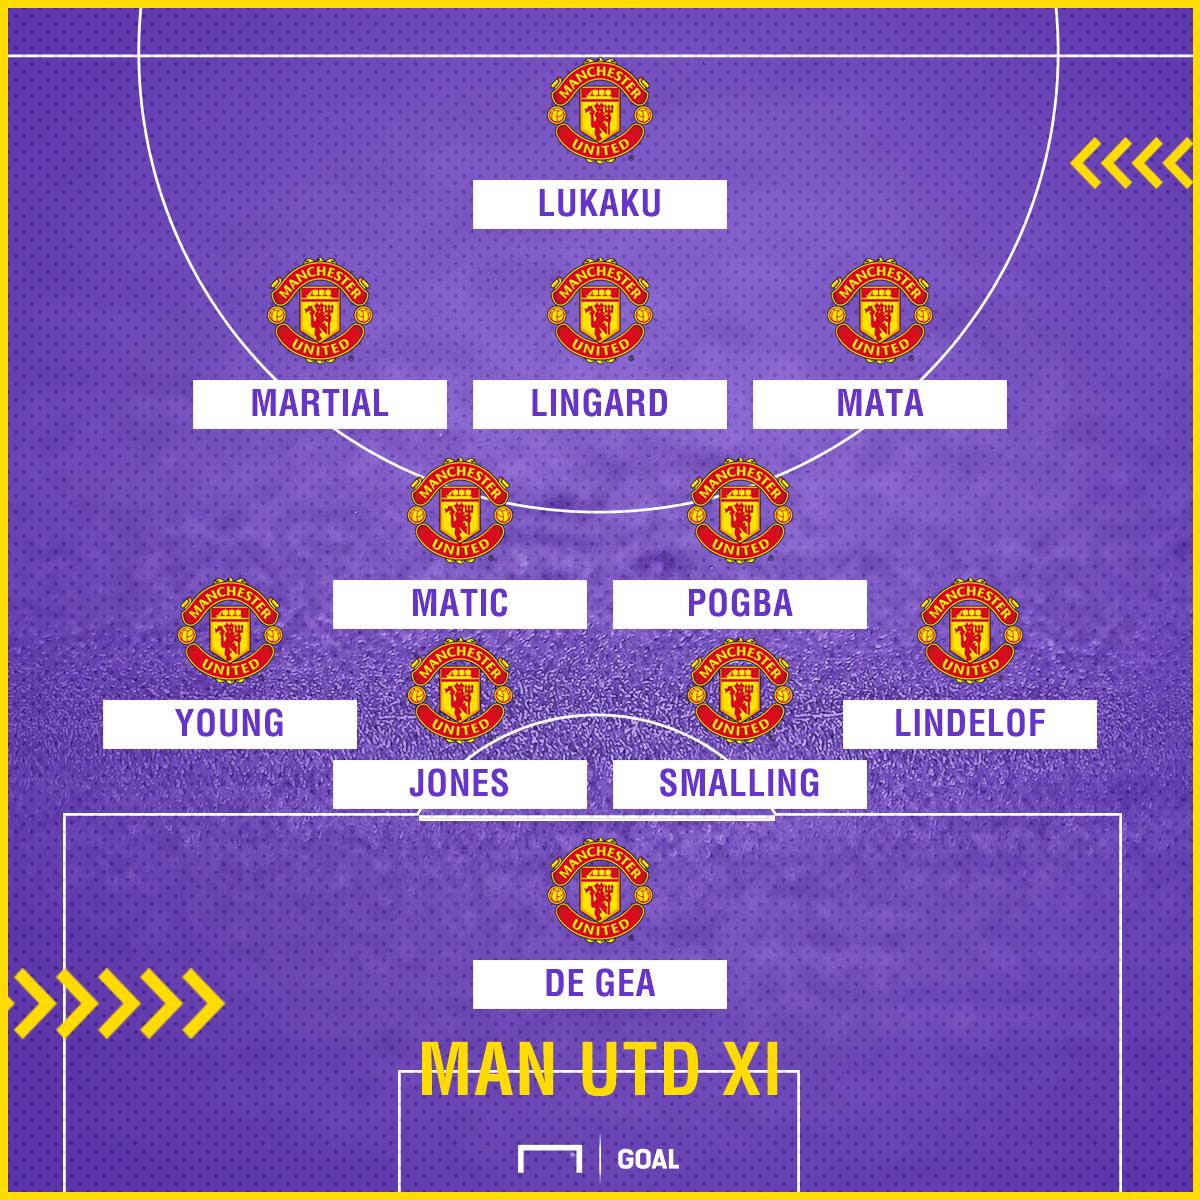 Man Utd XI